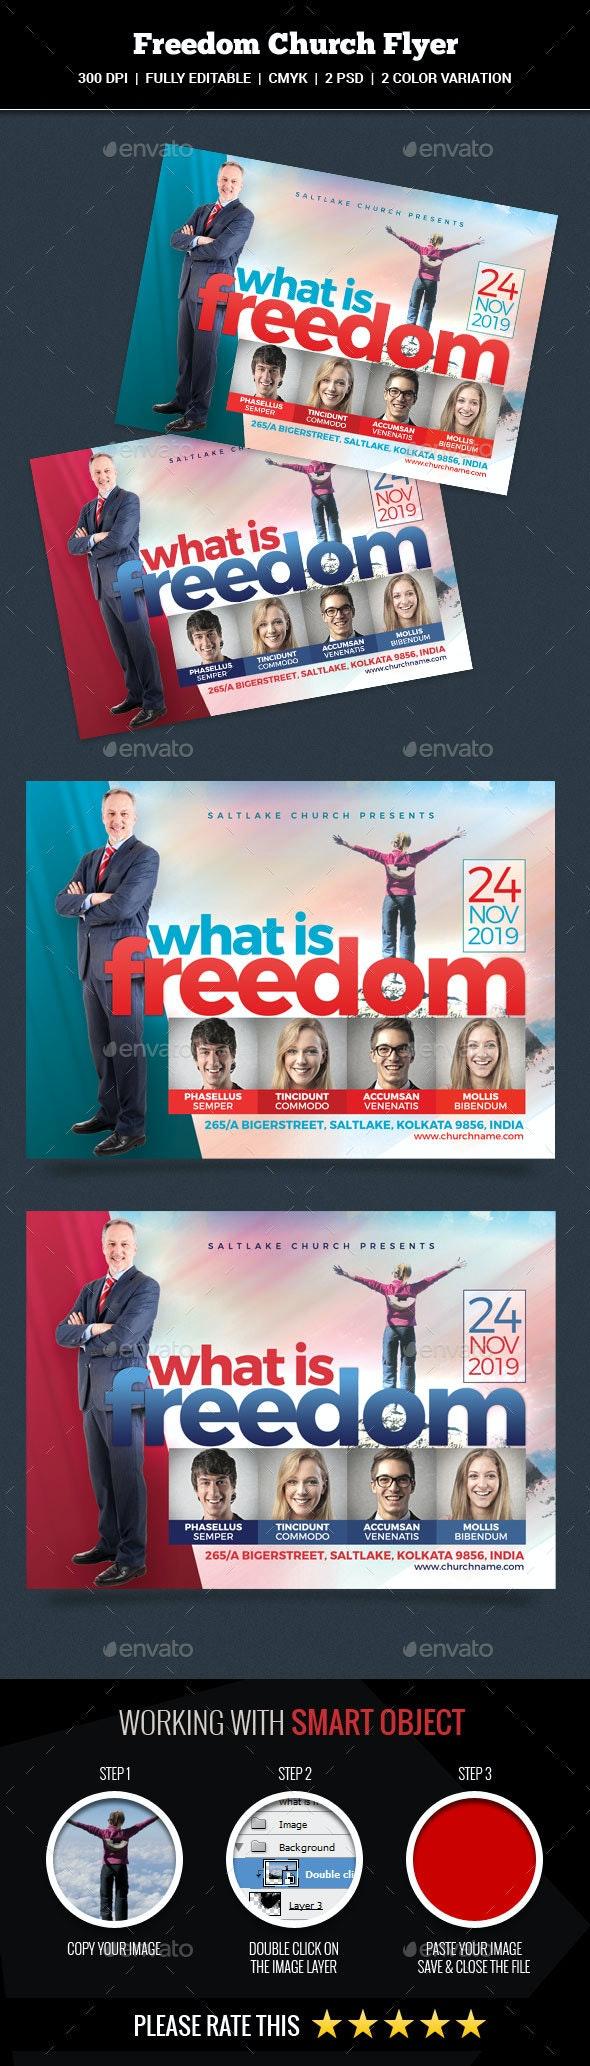 Freedom Church Flyer - Church Flyers